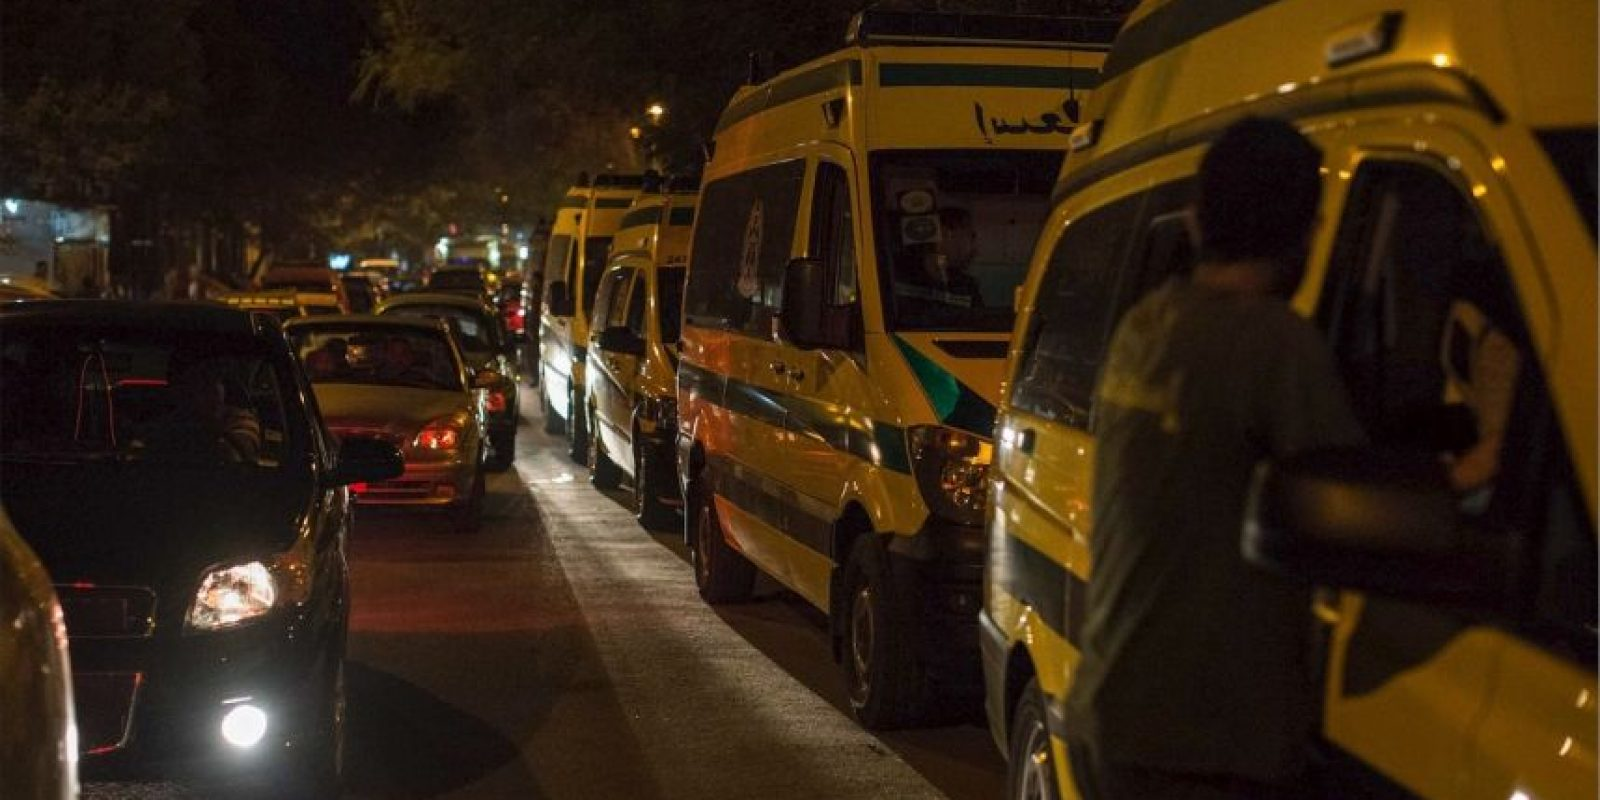 De los 224 pasajeros, se han recuperado 160 cadáveres Foto:Getty Images